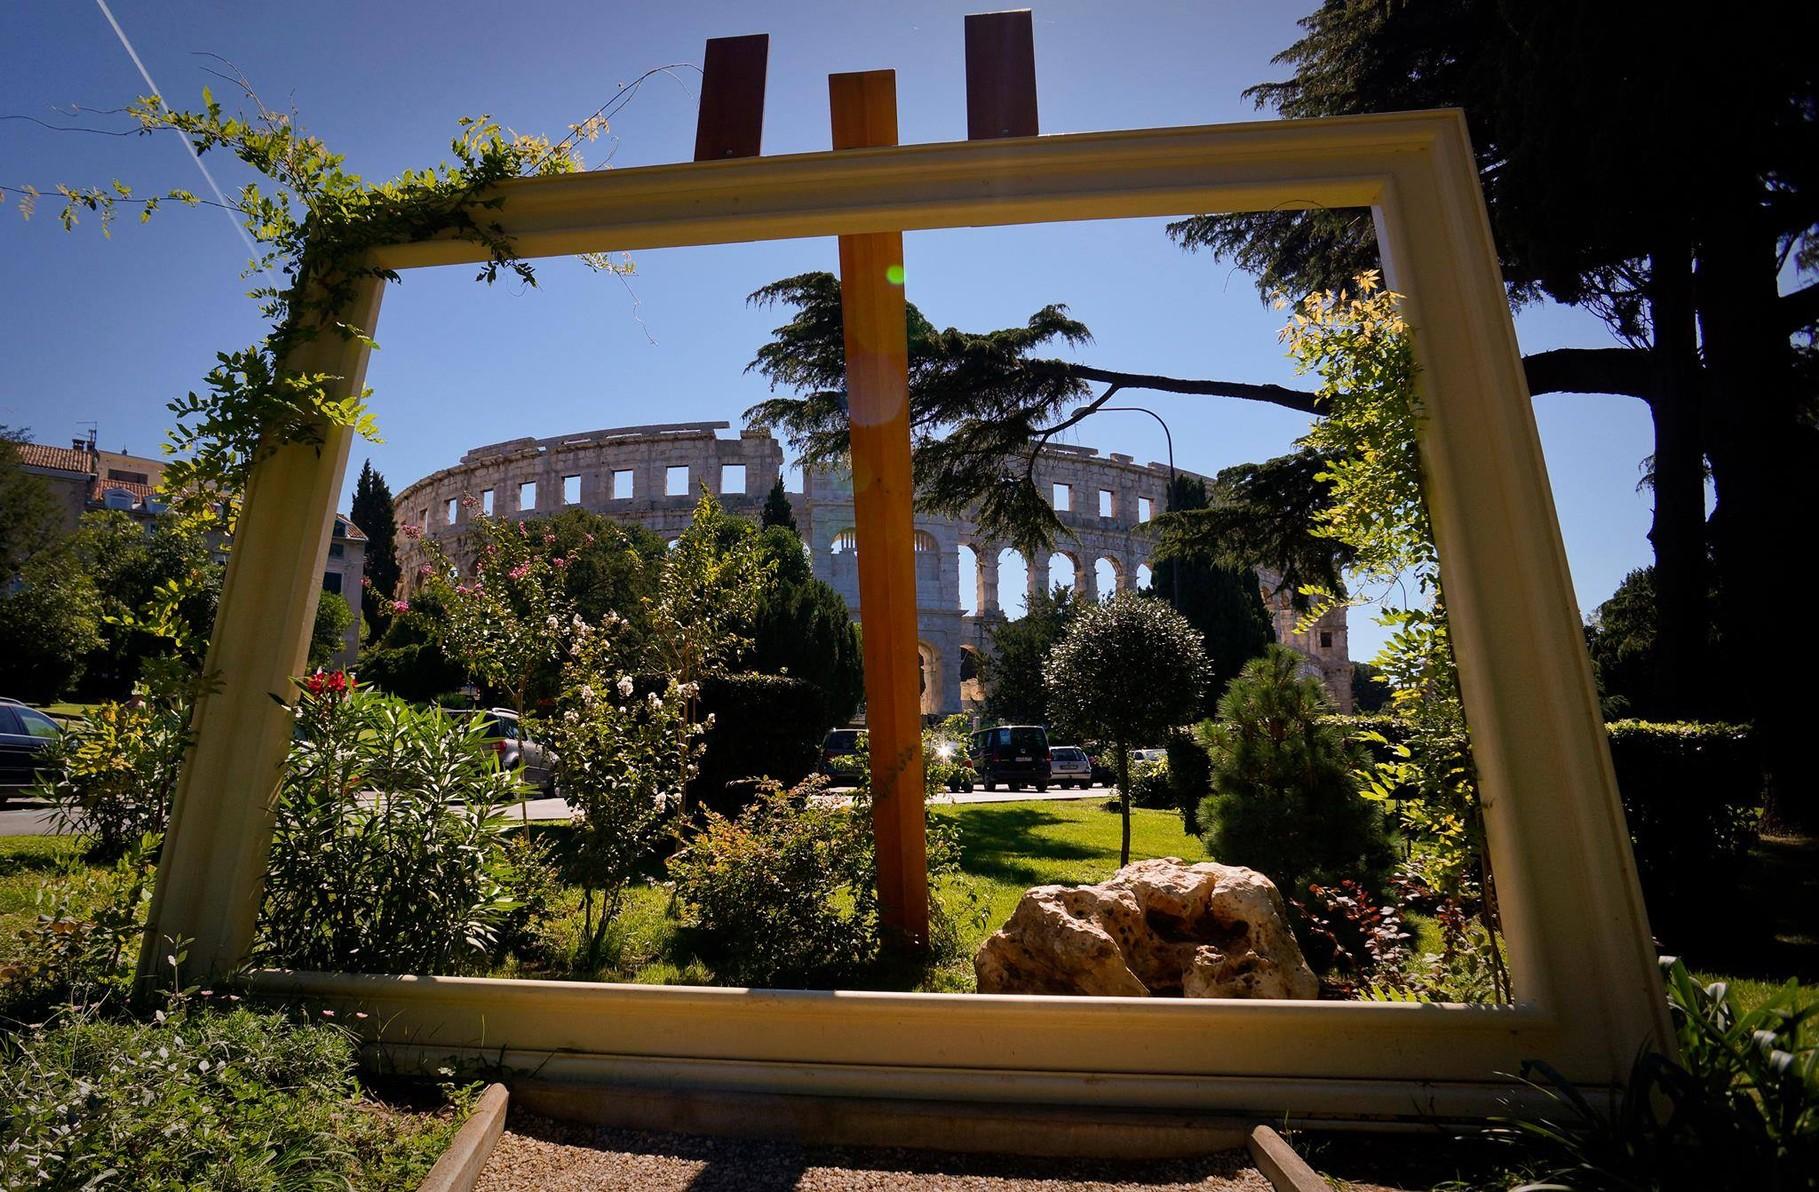 les jardins devant l'amphitheatre de Pula